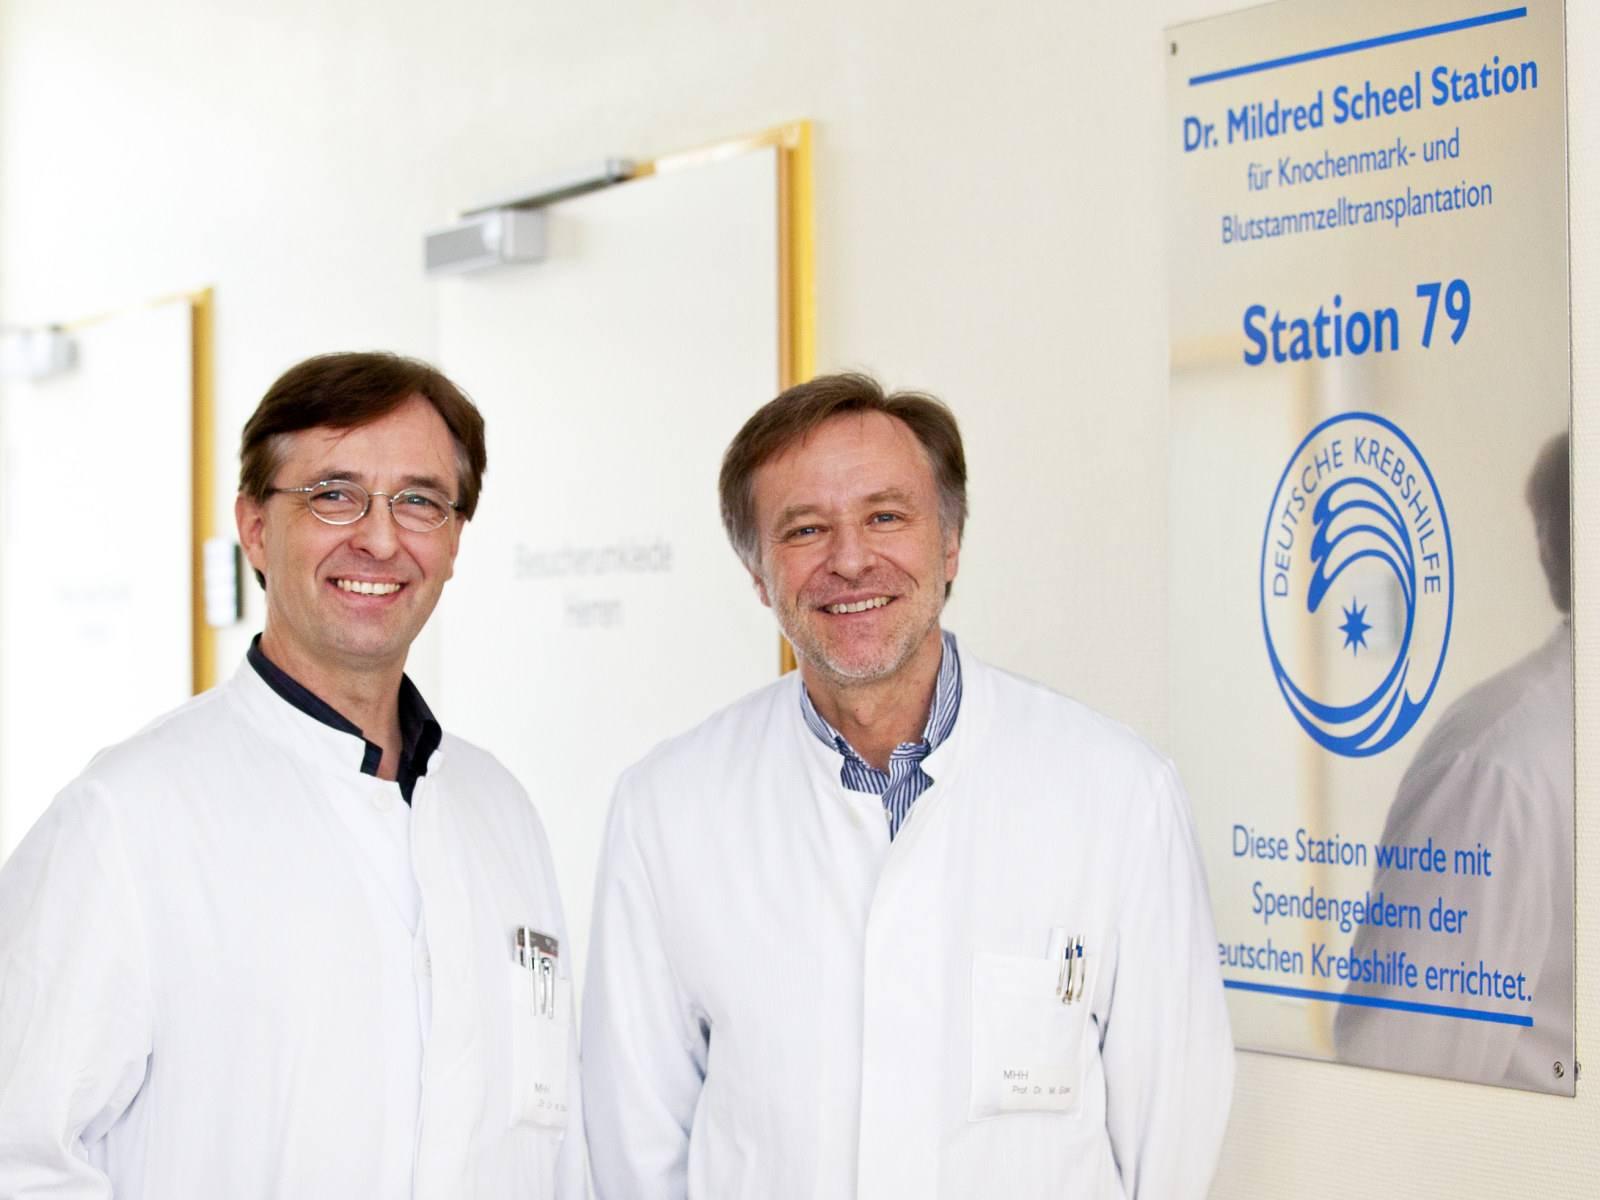 Zwei Ärzte vor dem Eingang einer Krankenhausstation.